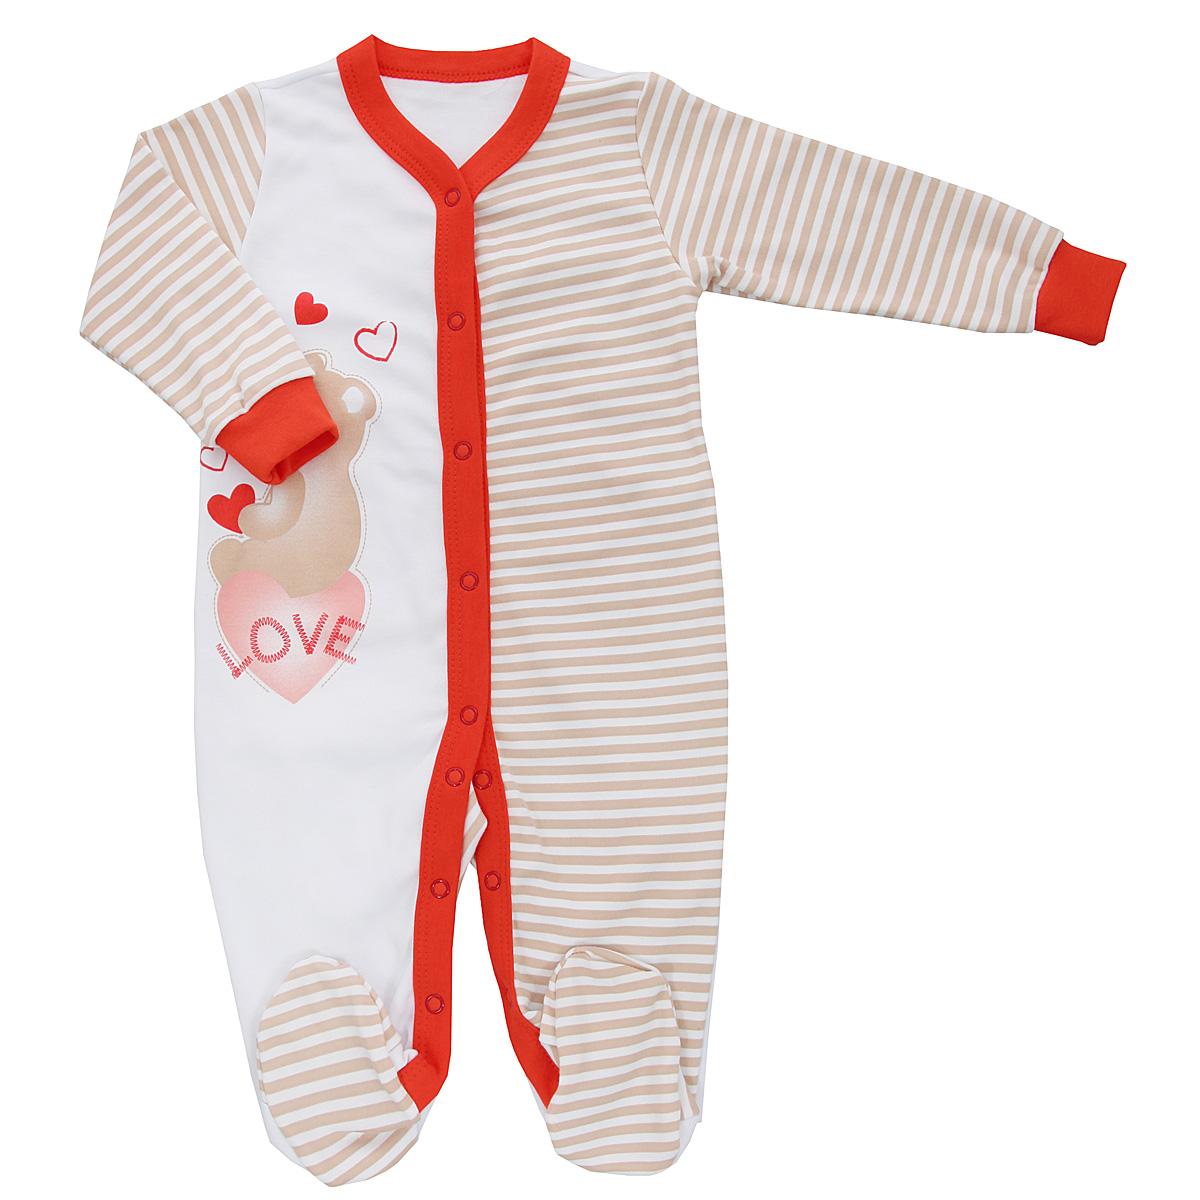 Комбинезон детский. 36513651Детский комбинезон КотМарКот с длинными рукавами и закрытыми ножками, изготовленный из интерлока - 100% хлопка, полностью соответствует особенностям жизни младенца в ранний период, не стесняя и не ограничивая его в движениях. Комбинезон подходит для использования днем и ночью, и имеет удобные застежки-кнопки от горловины до щиколоток, которые позволяют легко переодеть малыша или сменить подгузник, а также не мешают ему во время сна. Комбинезон имеет V-образный вырез горловины и широкие эластичные манжеты. Оформлено изделие принтом в полоску и оригинальным ненавязчивым рисунком с изображением медвежонка. В таком комбинезоне ваш малыш будет чувствовать себя комфортно и уютно.